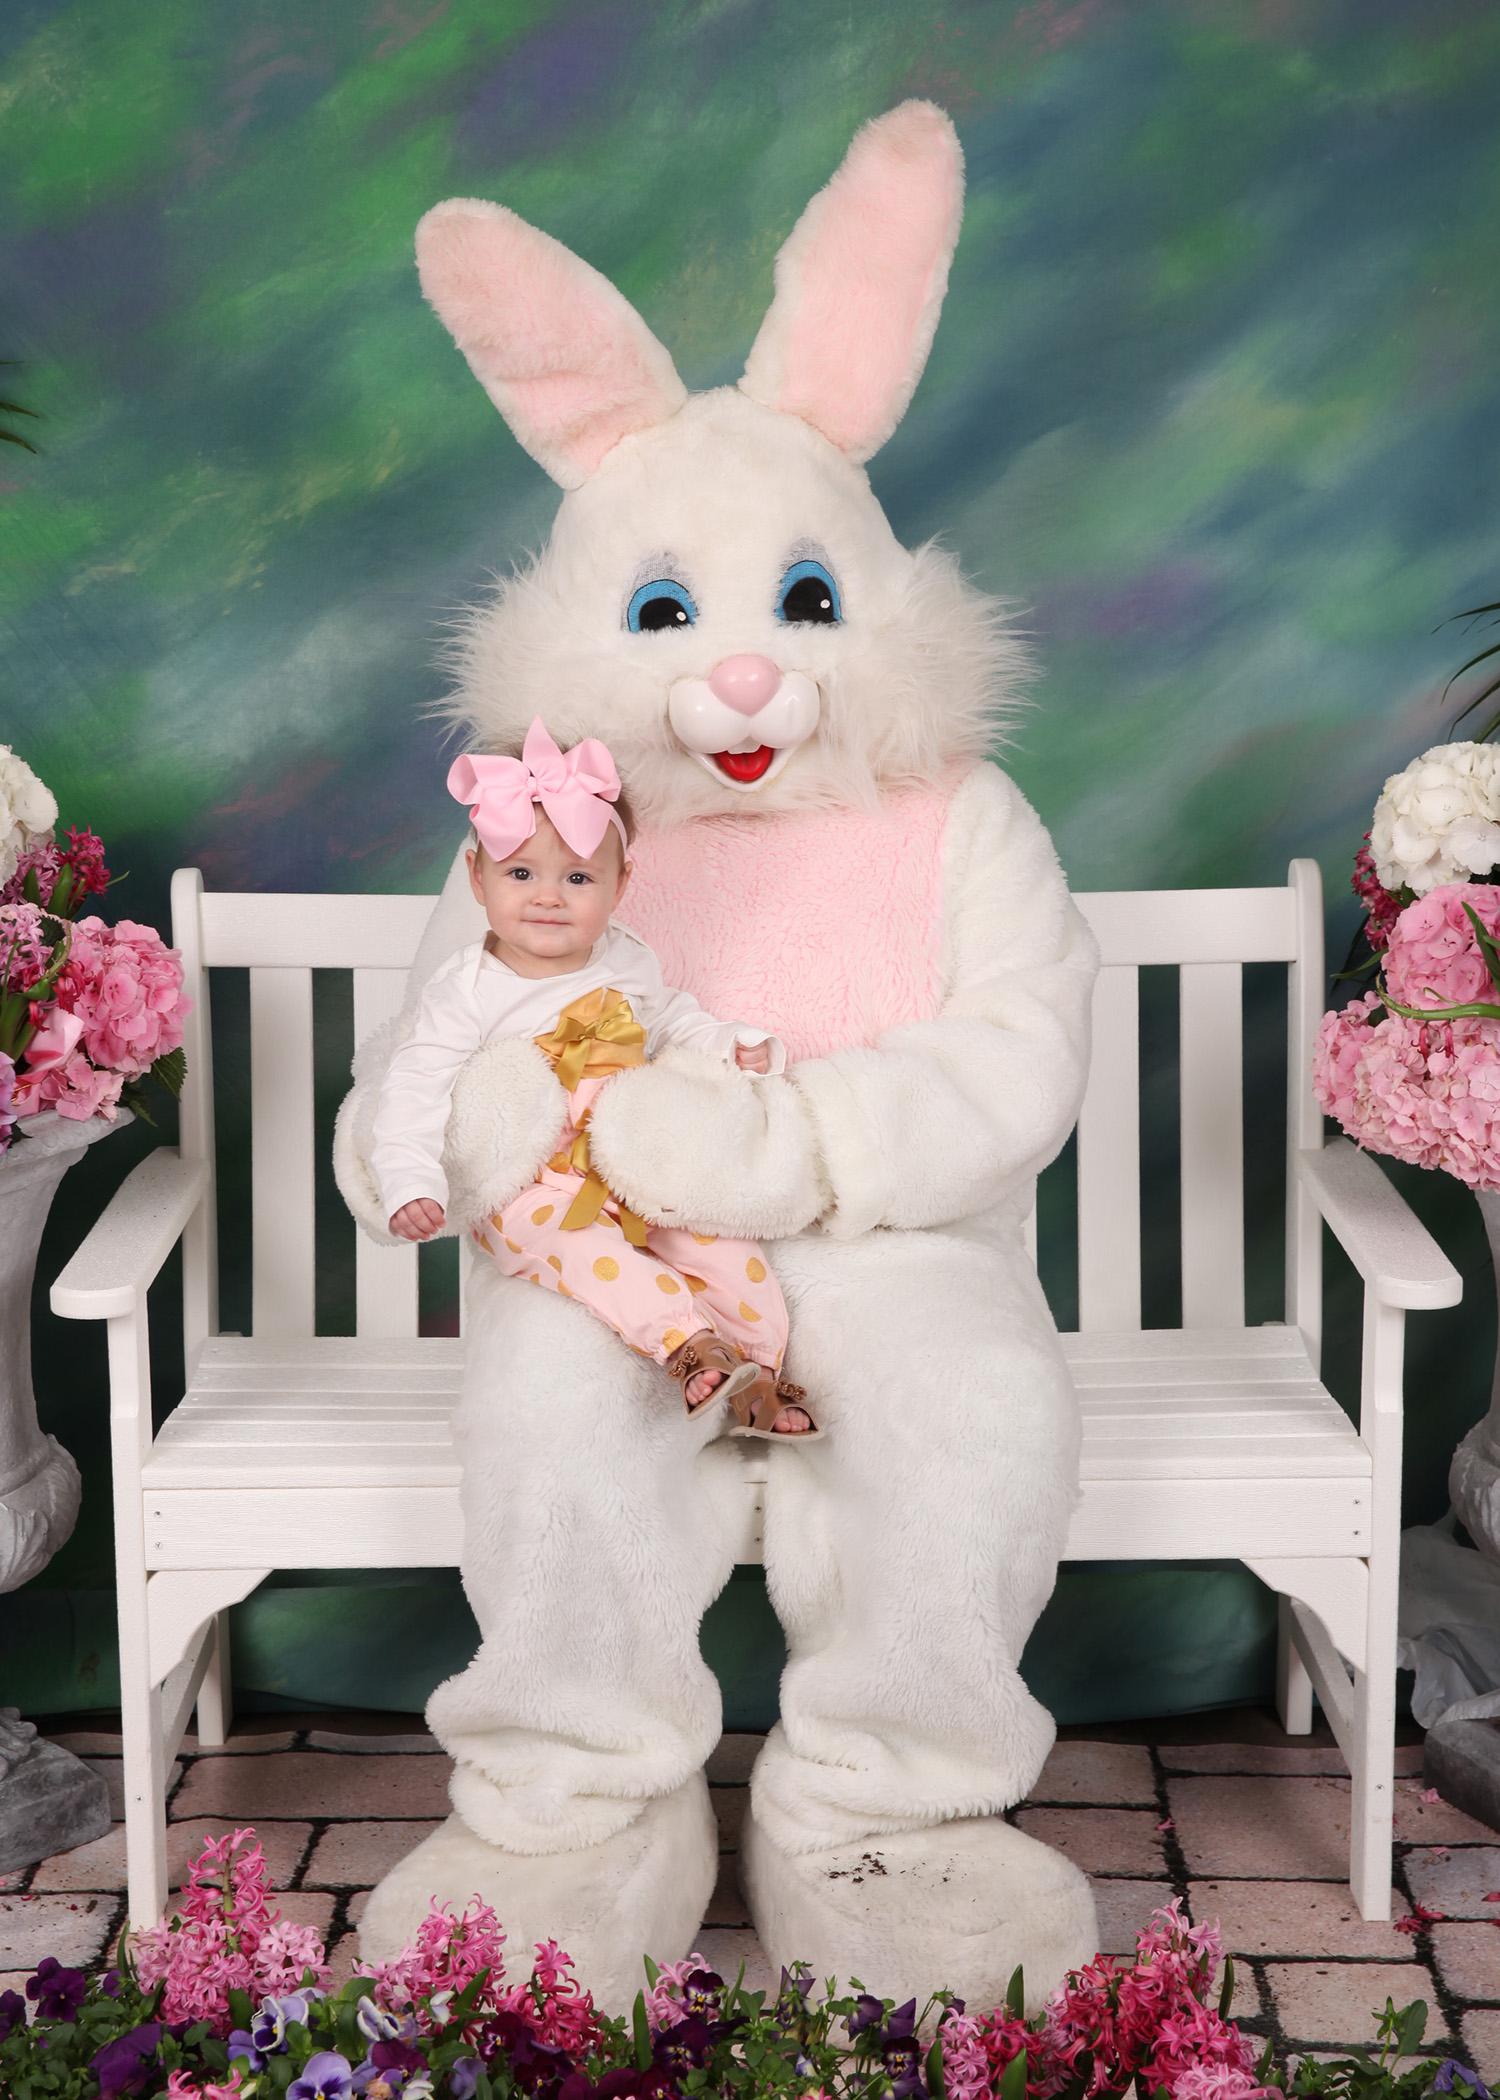 Banick-Bunny3